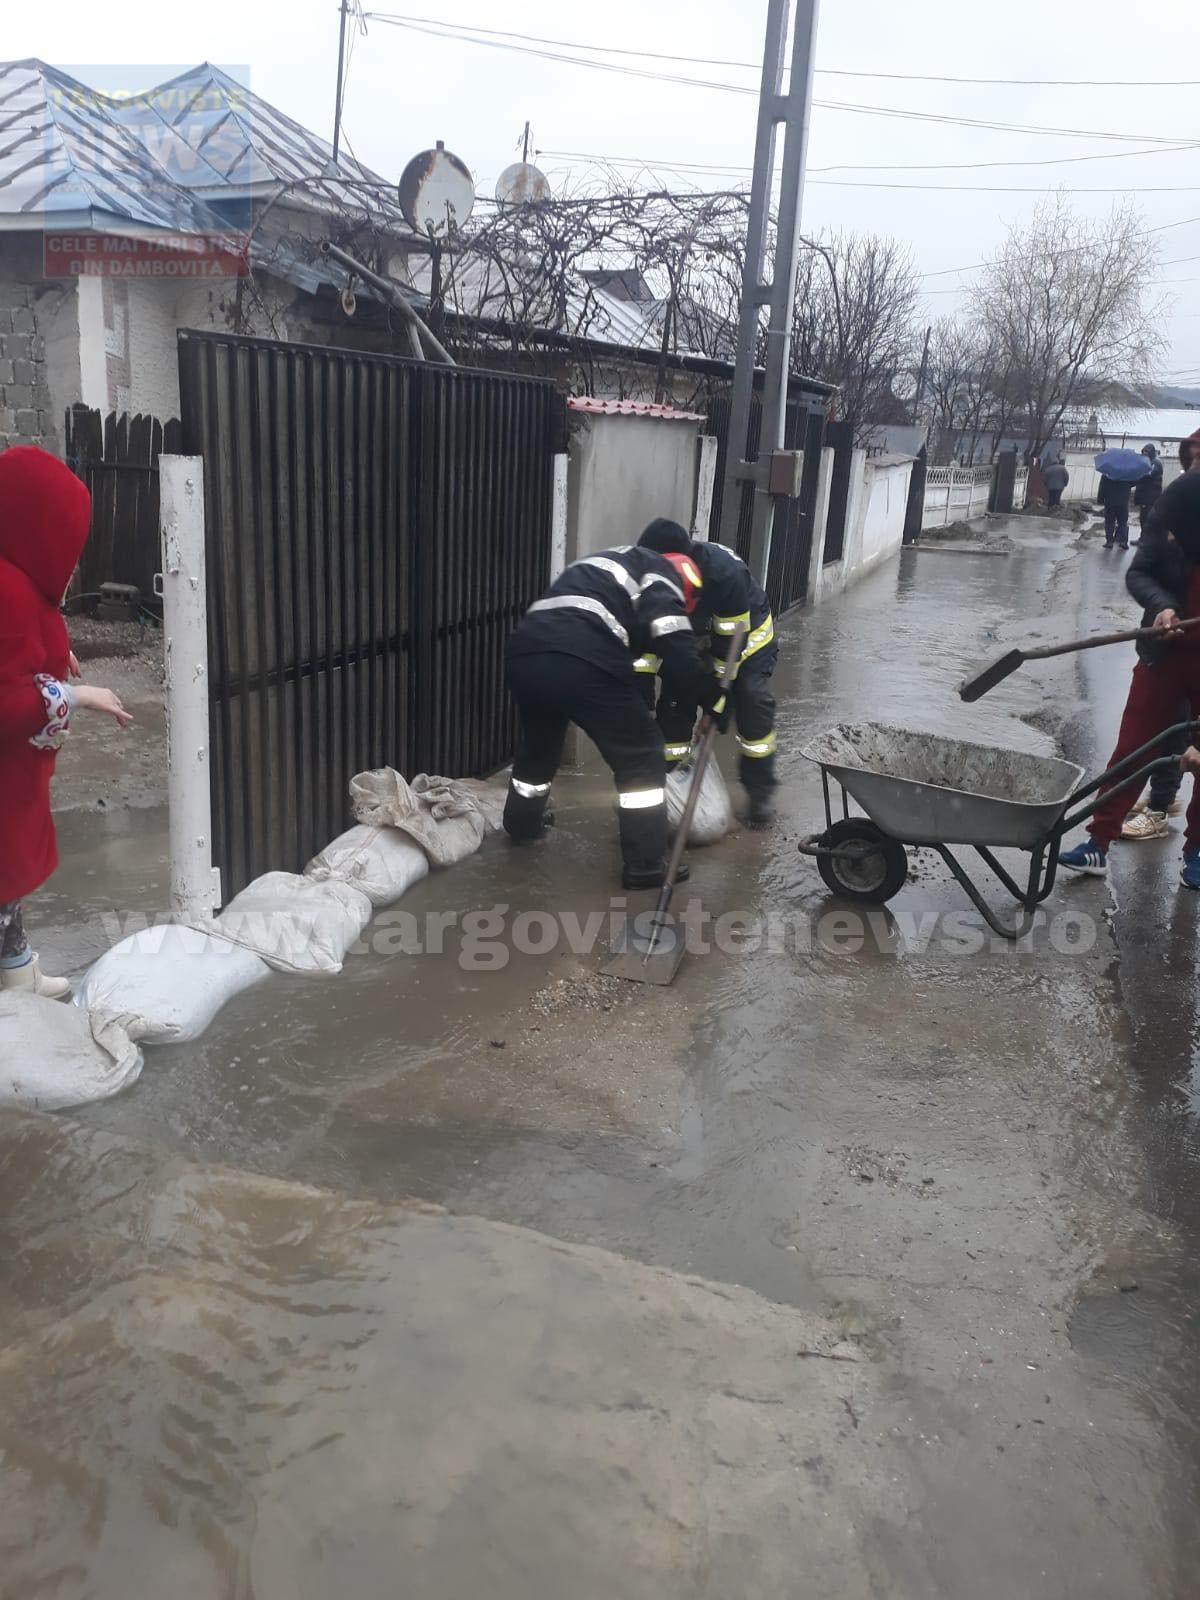 Şase gospodării au fost inundate, la I.L.Caragiale